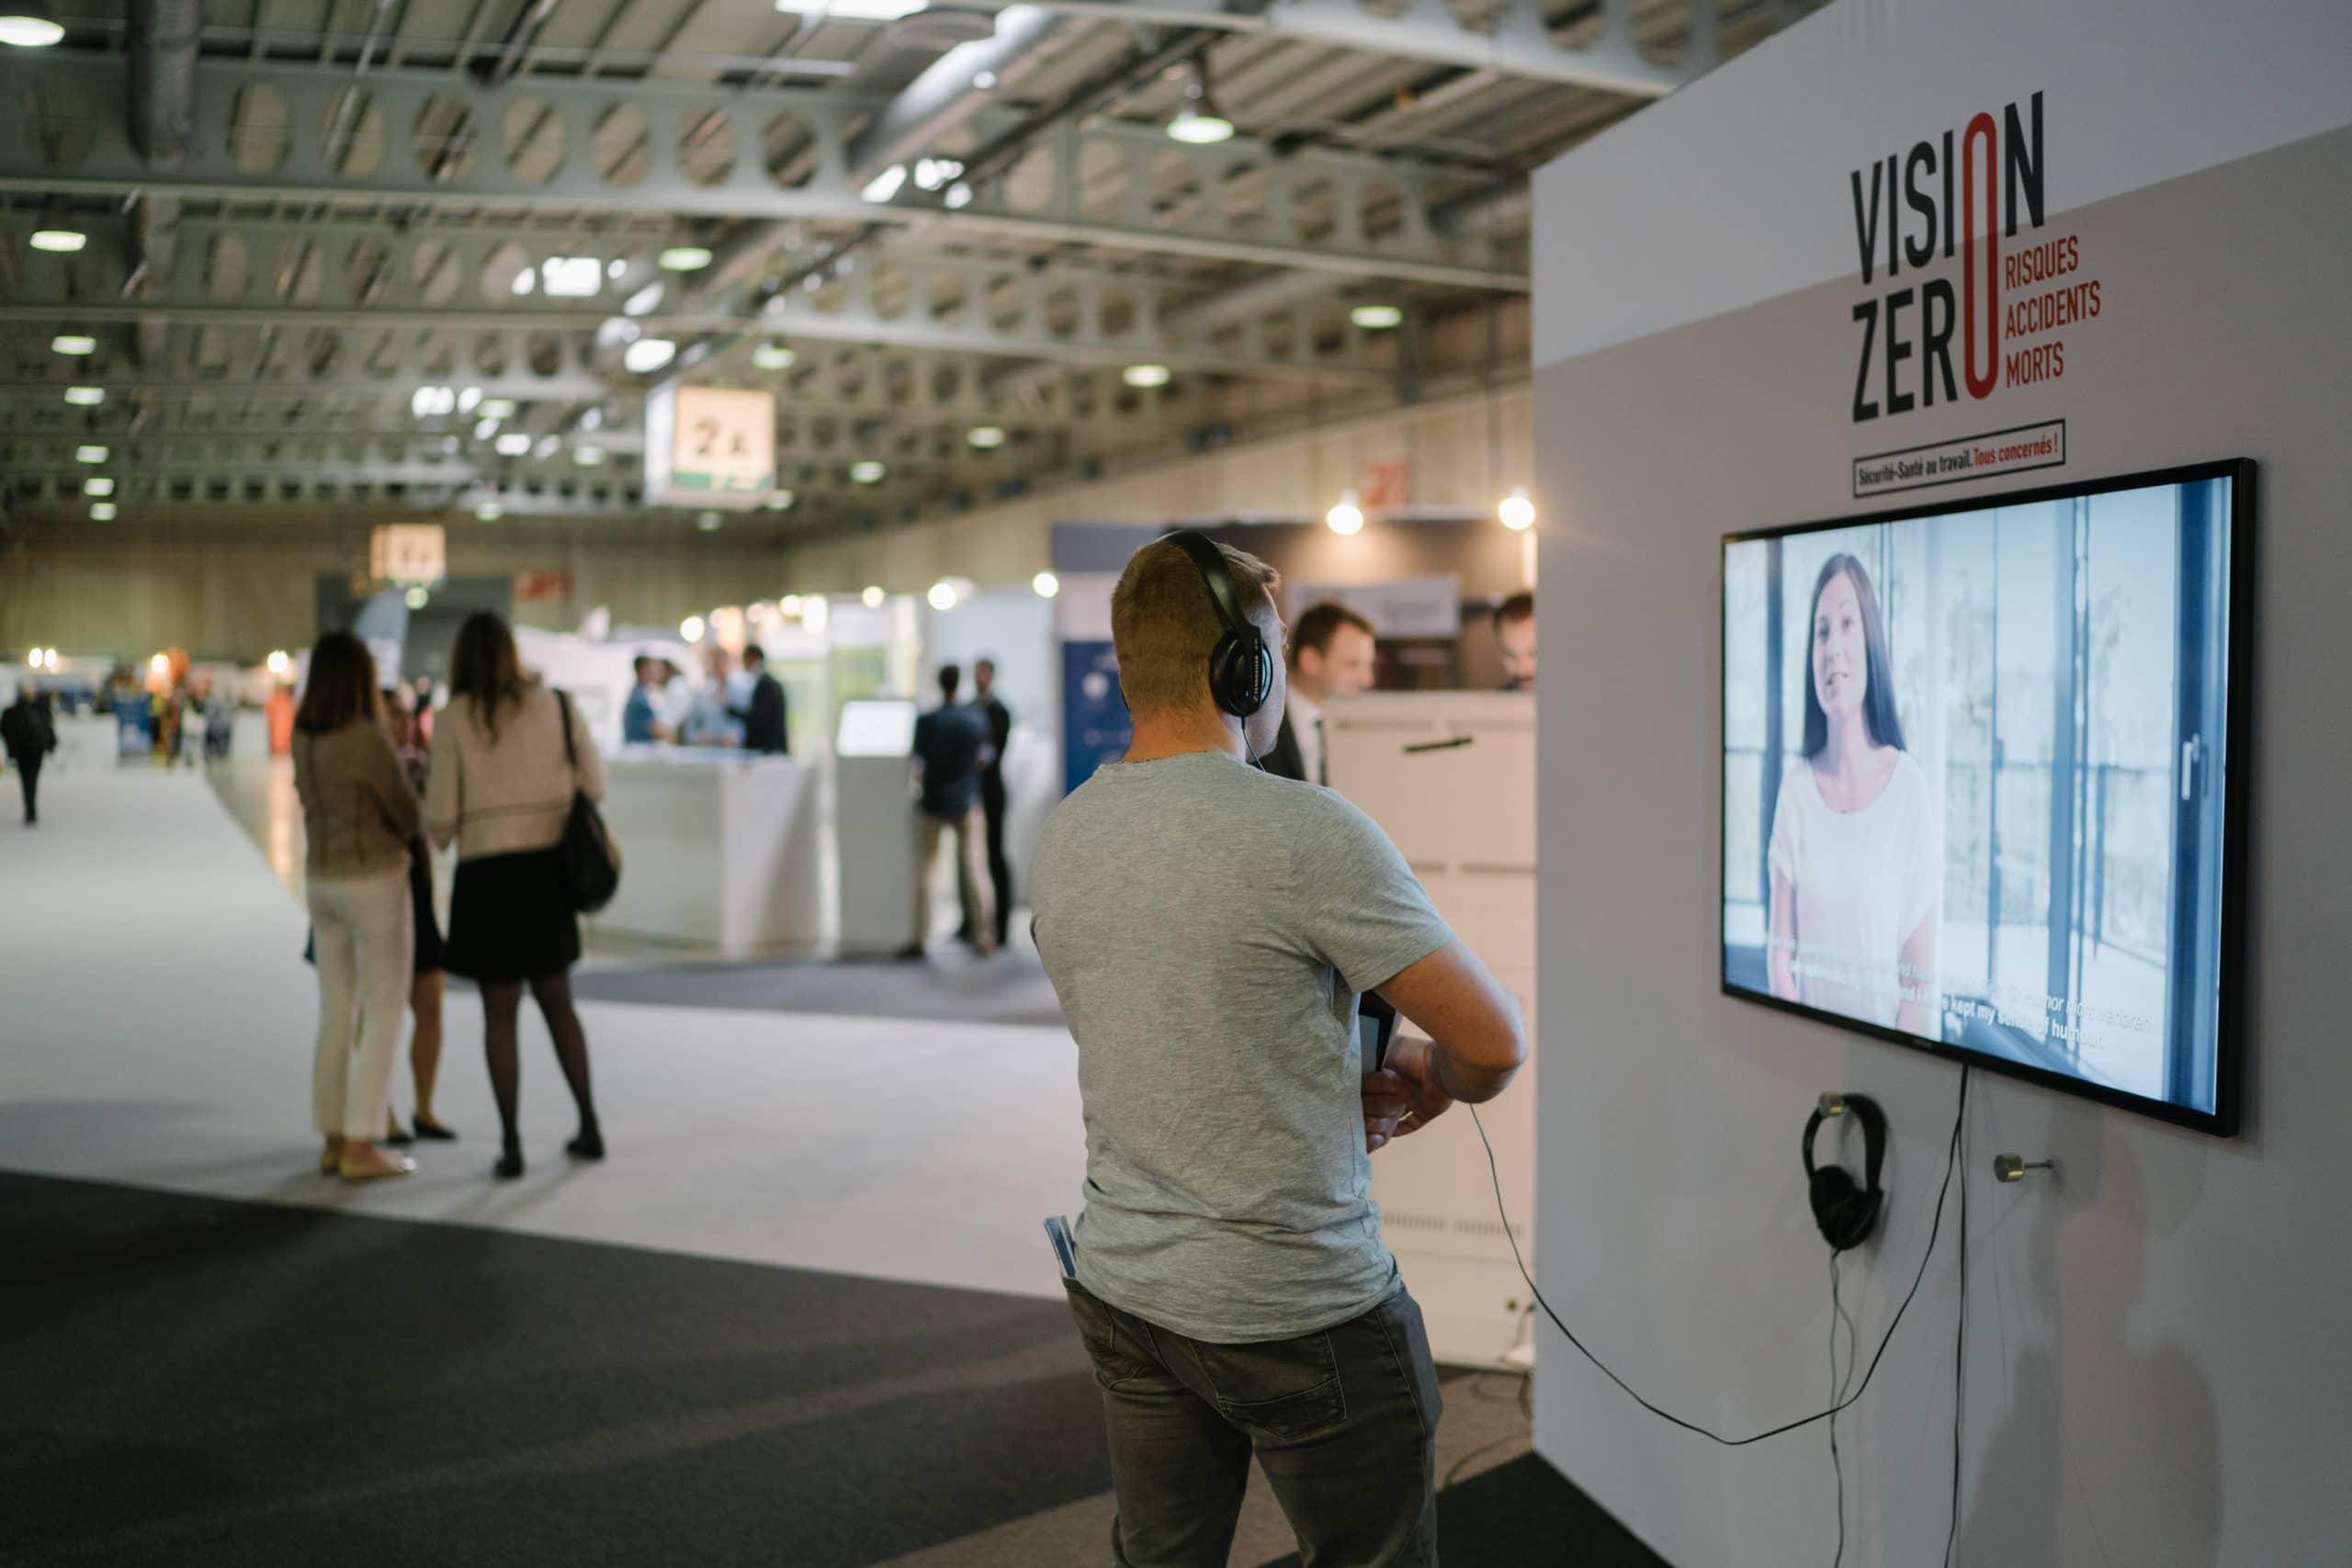 Shine a light agence évènementielle luxembourg - créateur d'expériences immersives - Forum SST